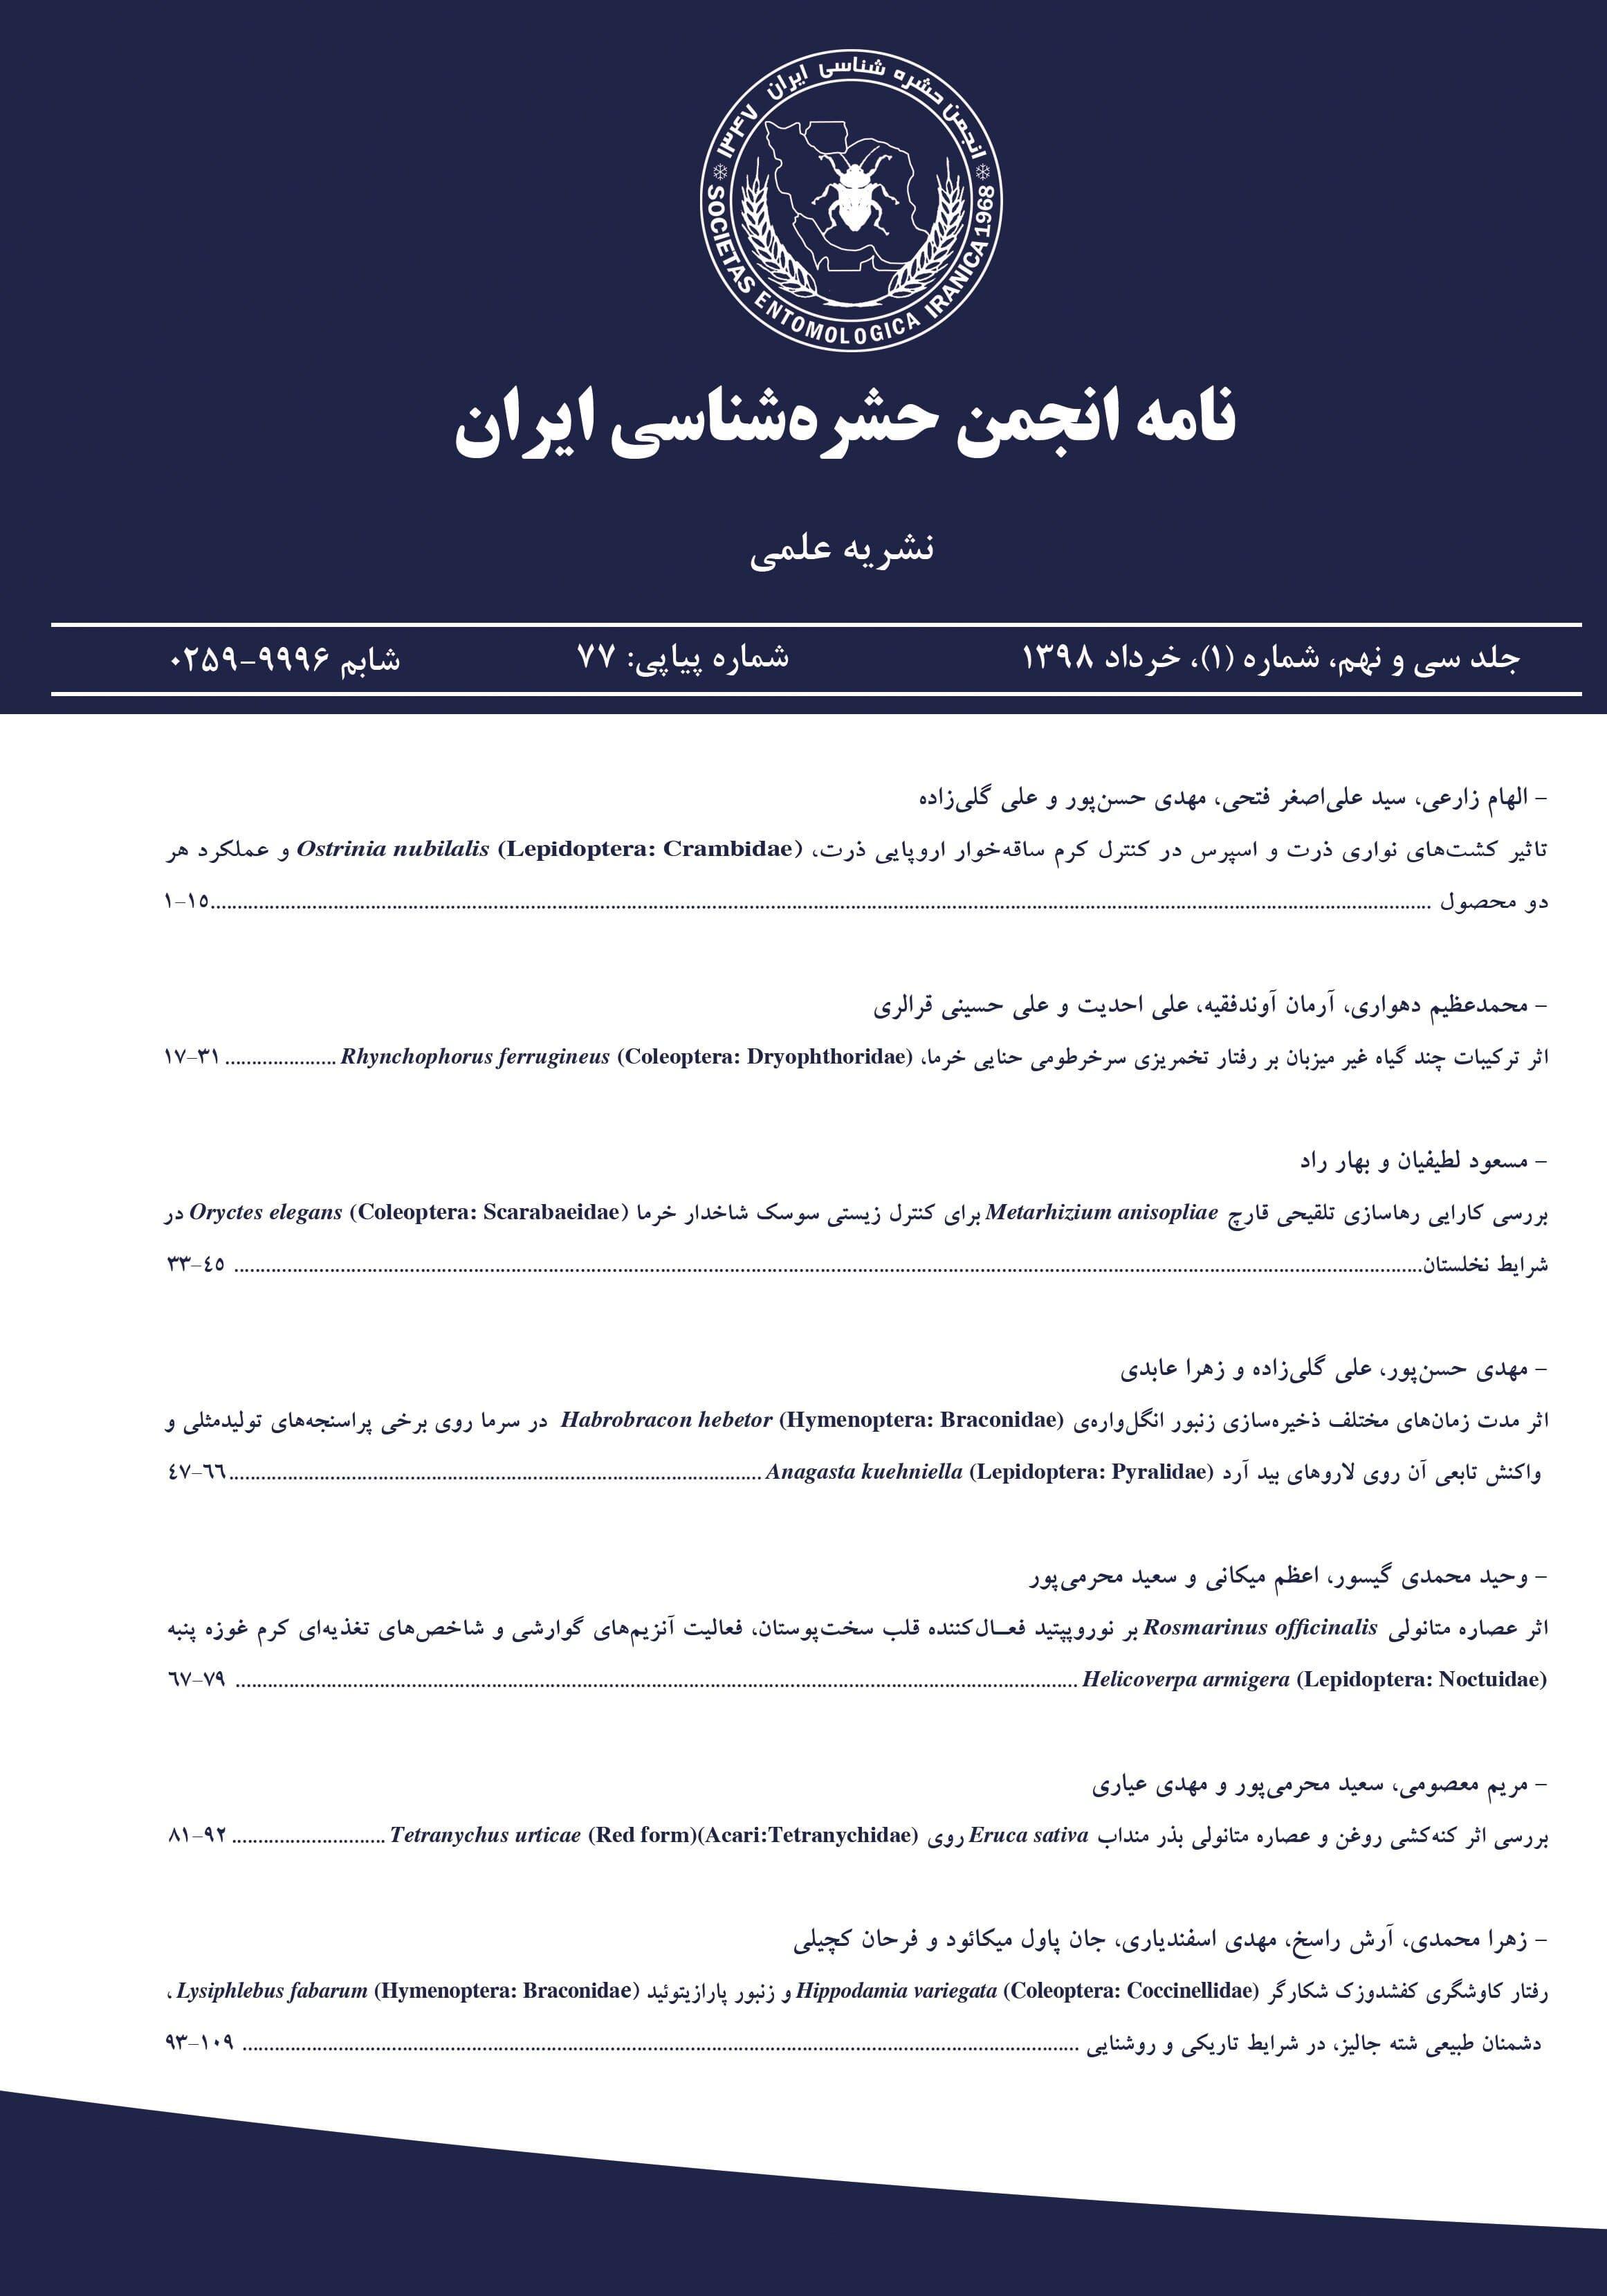 نامه انجمن حشره شناسی ایران